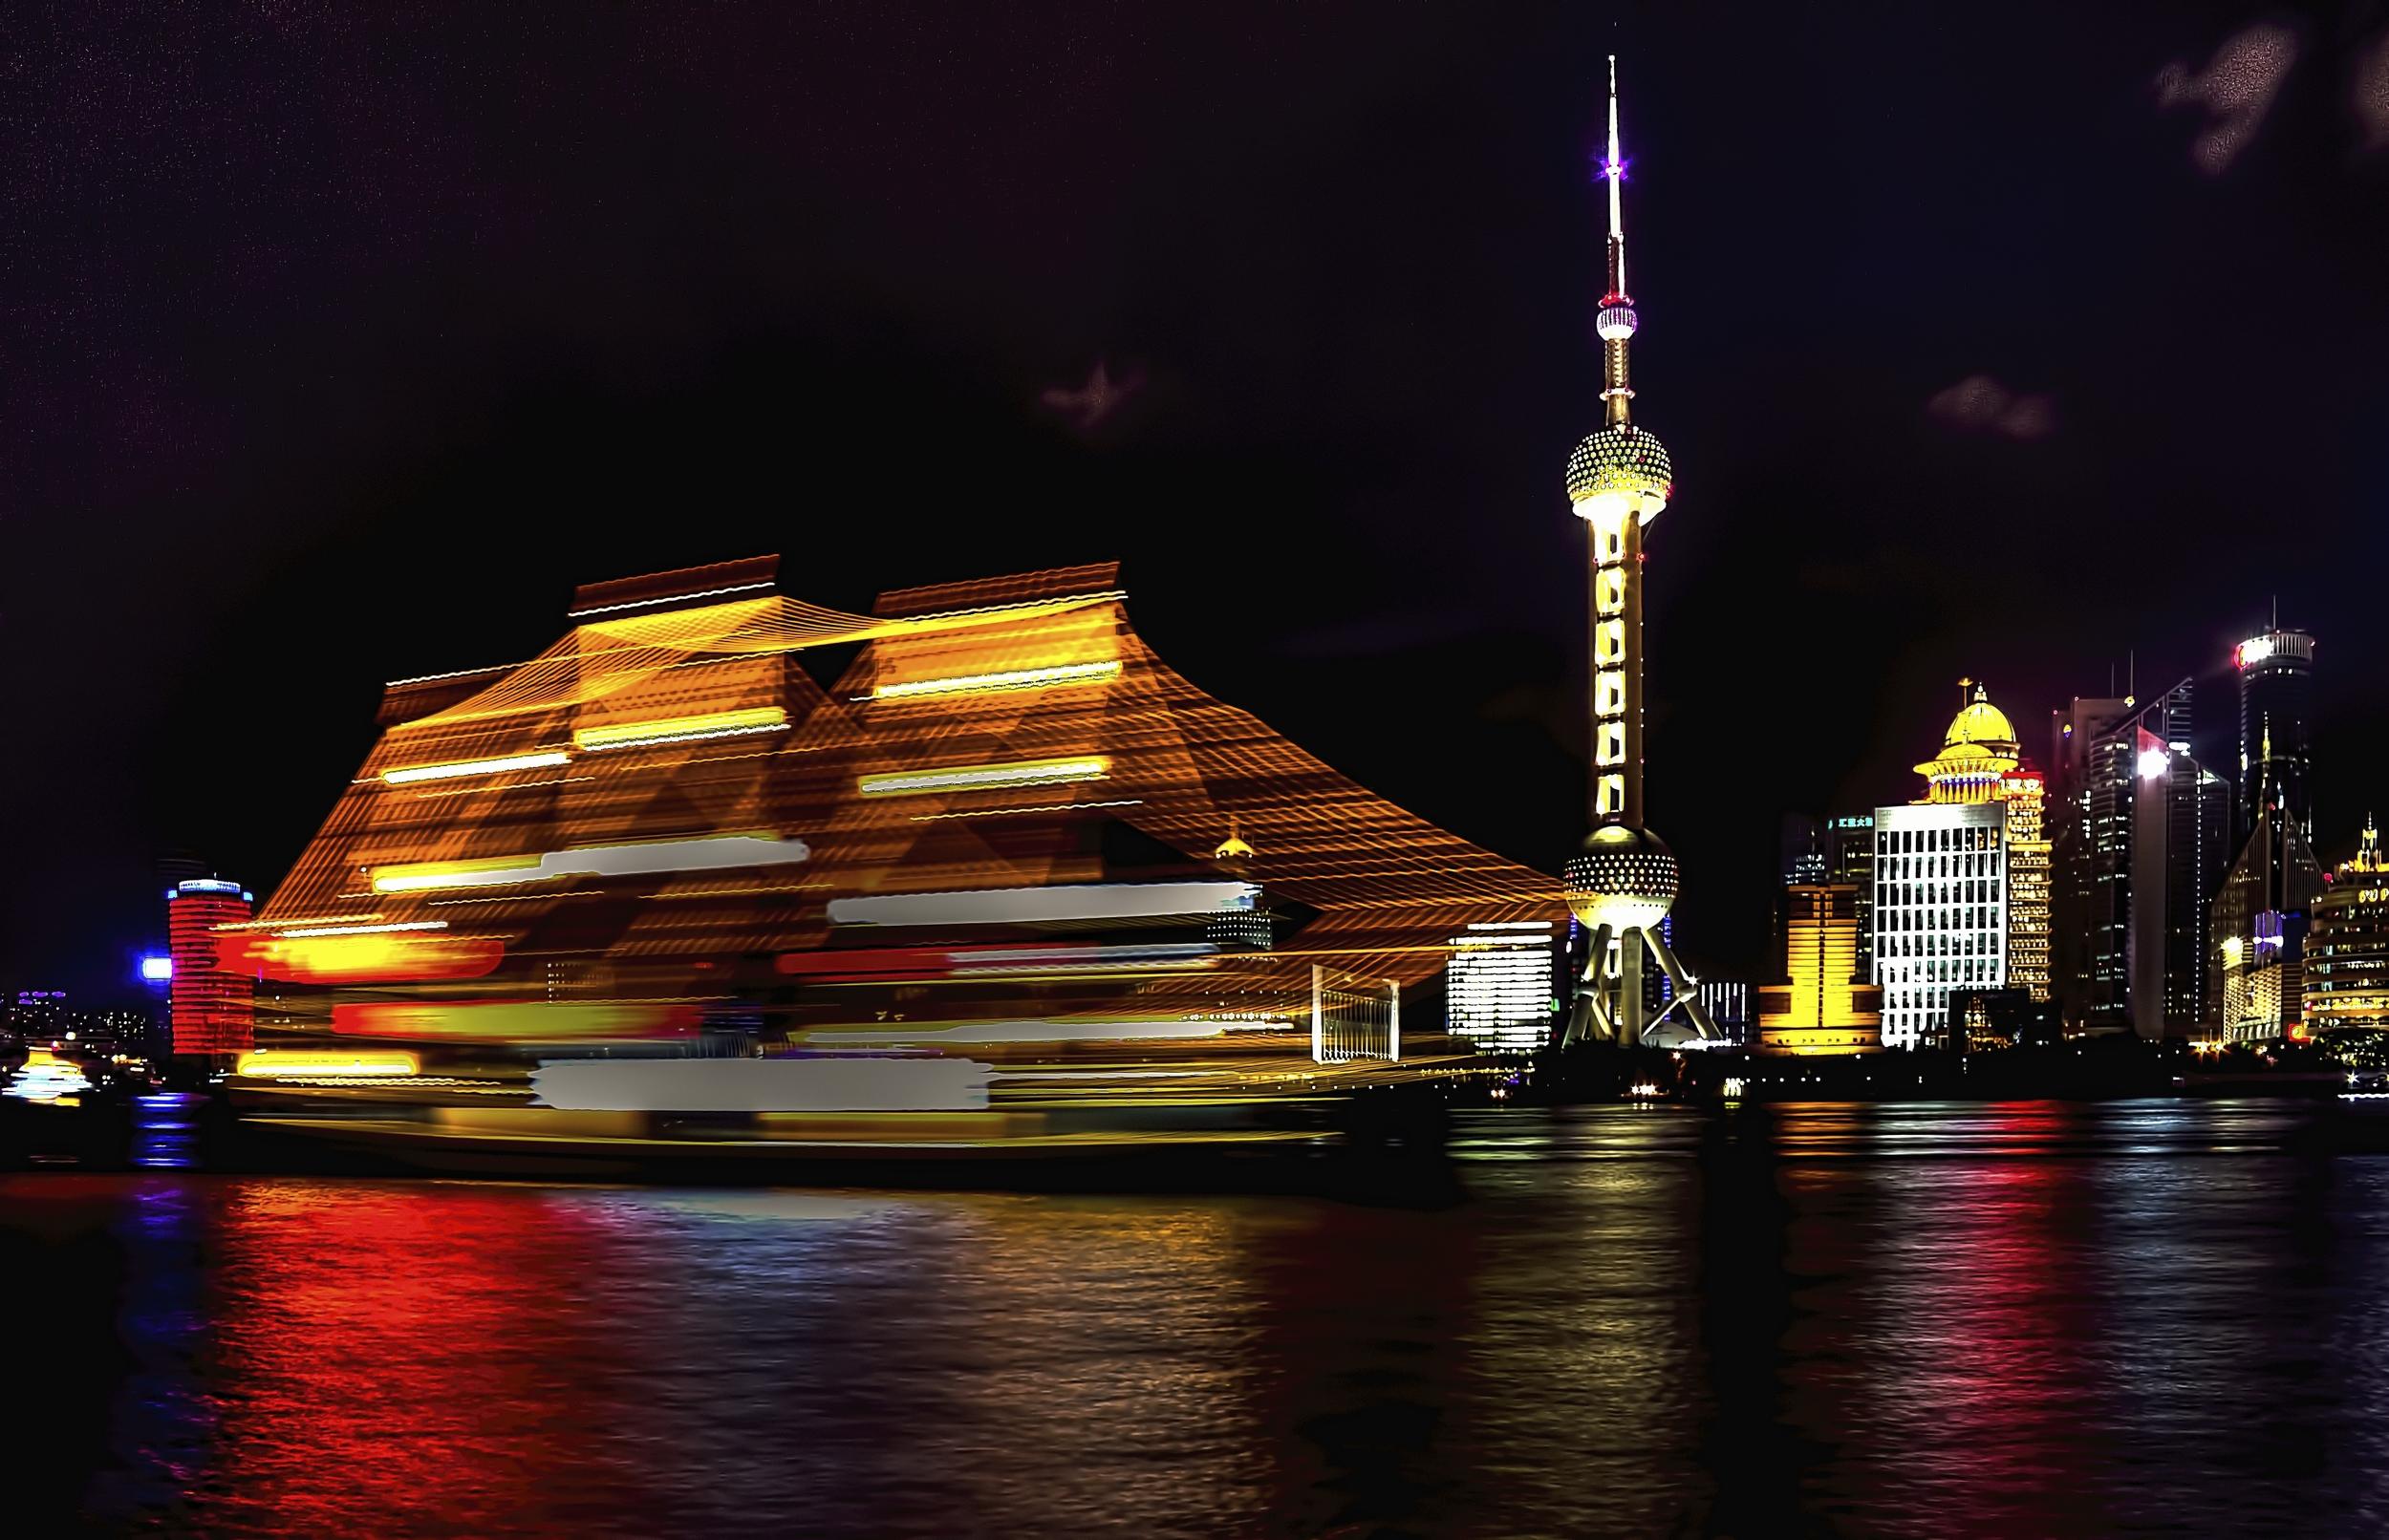 barcos de luz.jpg